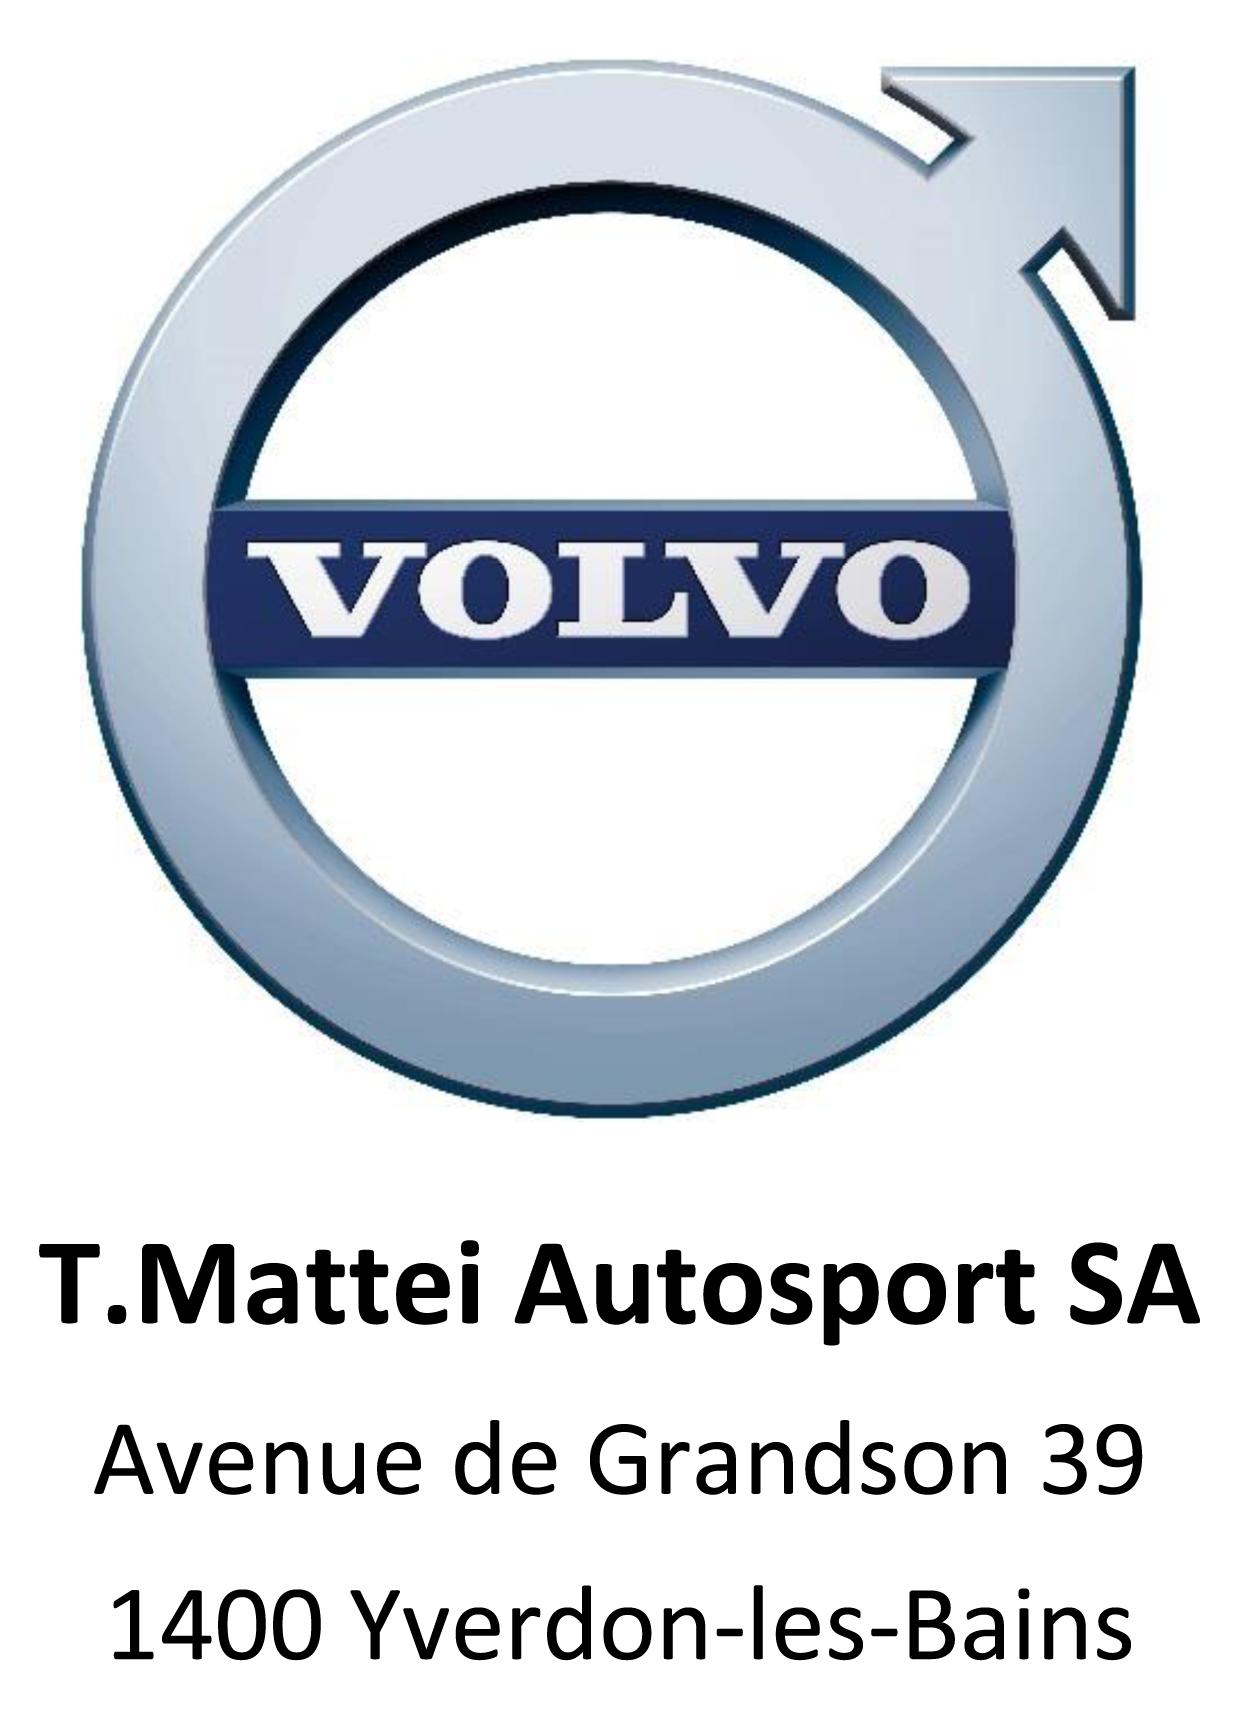 Volvo-Mattei-Autosport